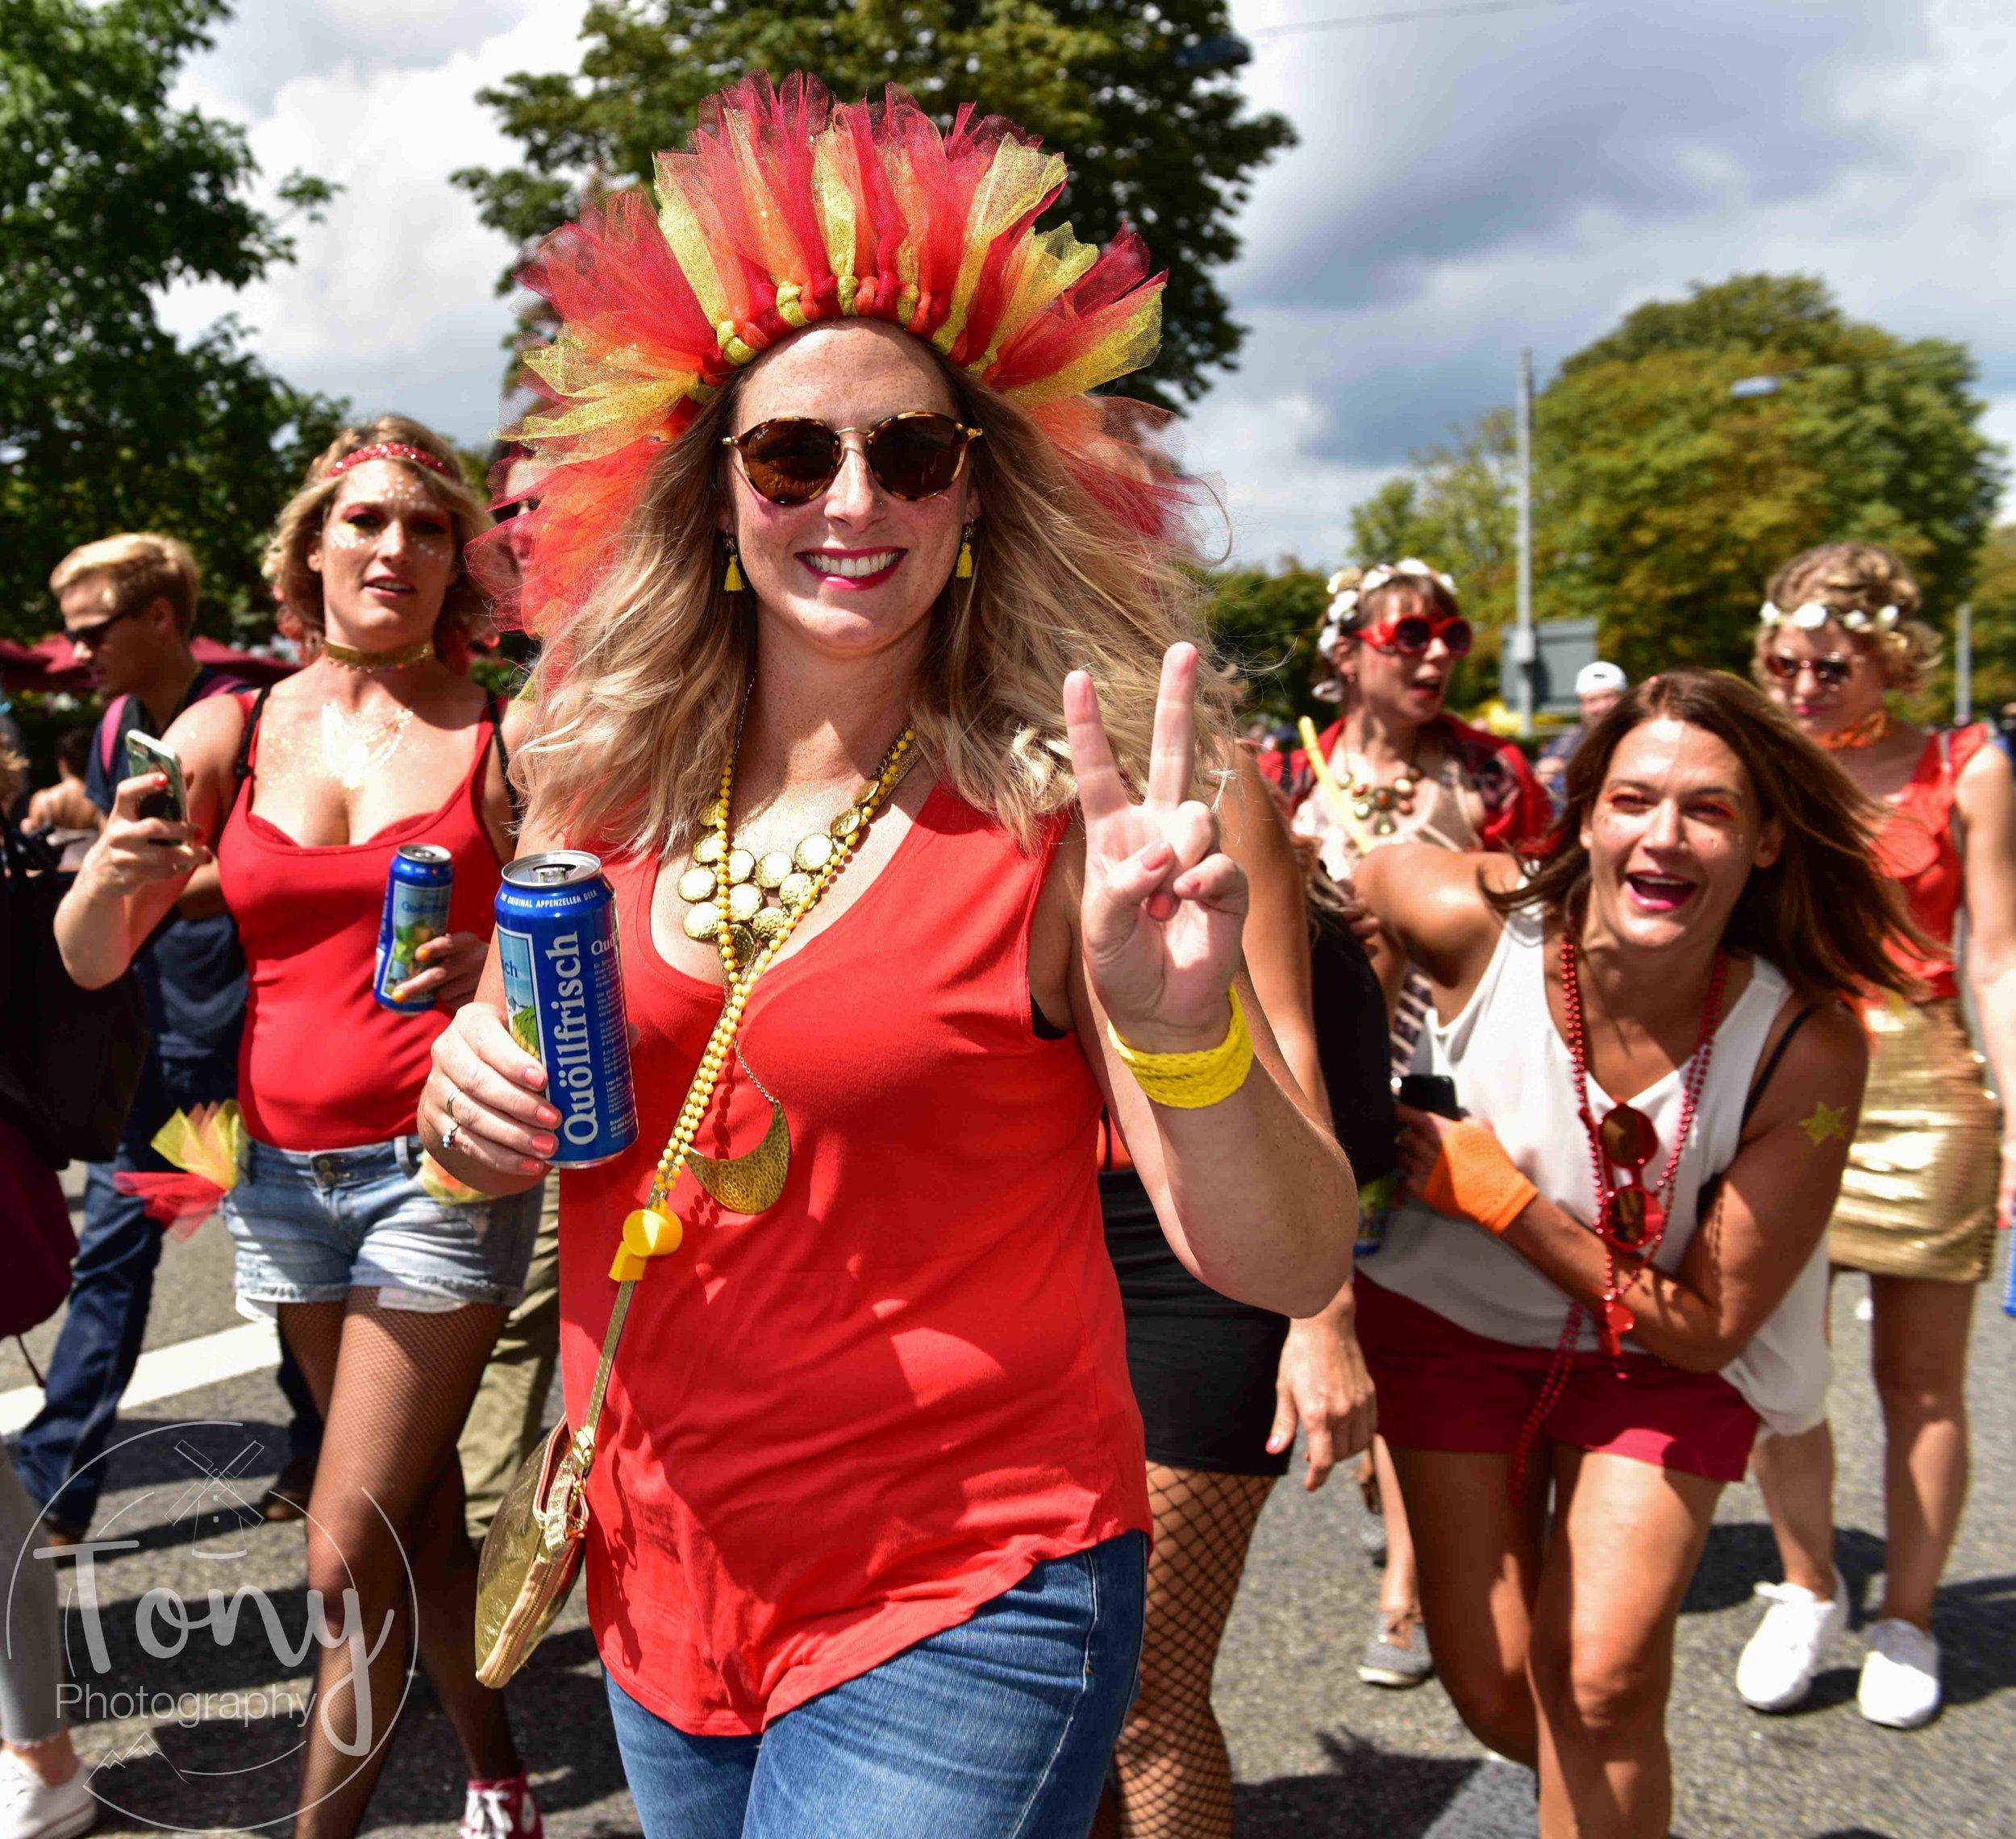 streetparade-31.jpg